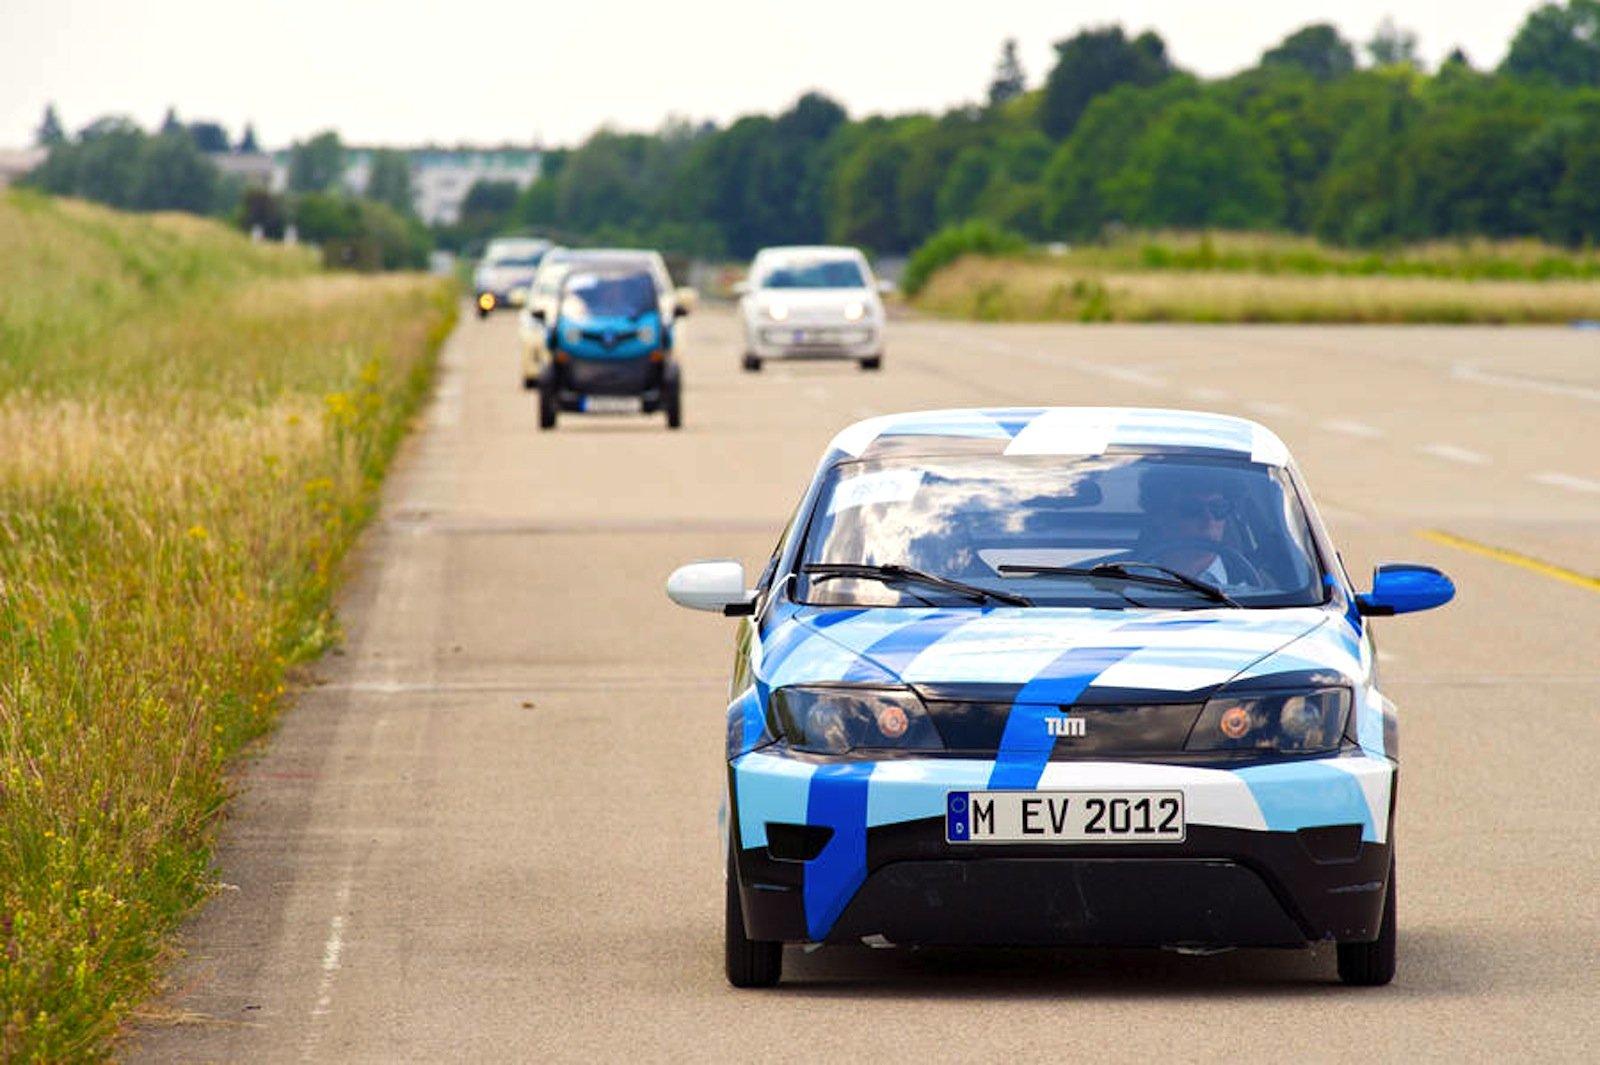 Visio.M ist 3,60 Meter lang, 1,55 Meter breit und wiegt 450 Kilogramm. Zum Vergleich: Der BMW i3 bringt 1.195 Kilogramm auf die Waage.